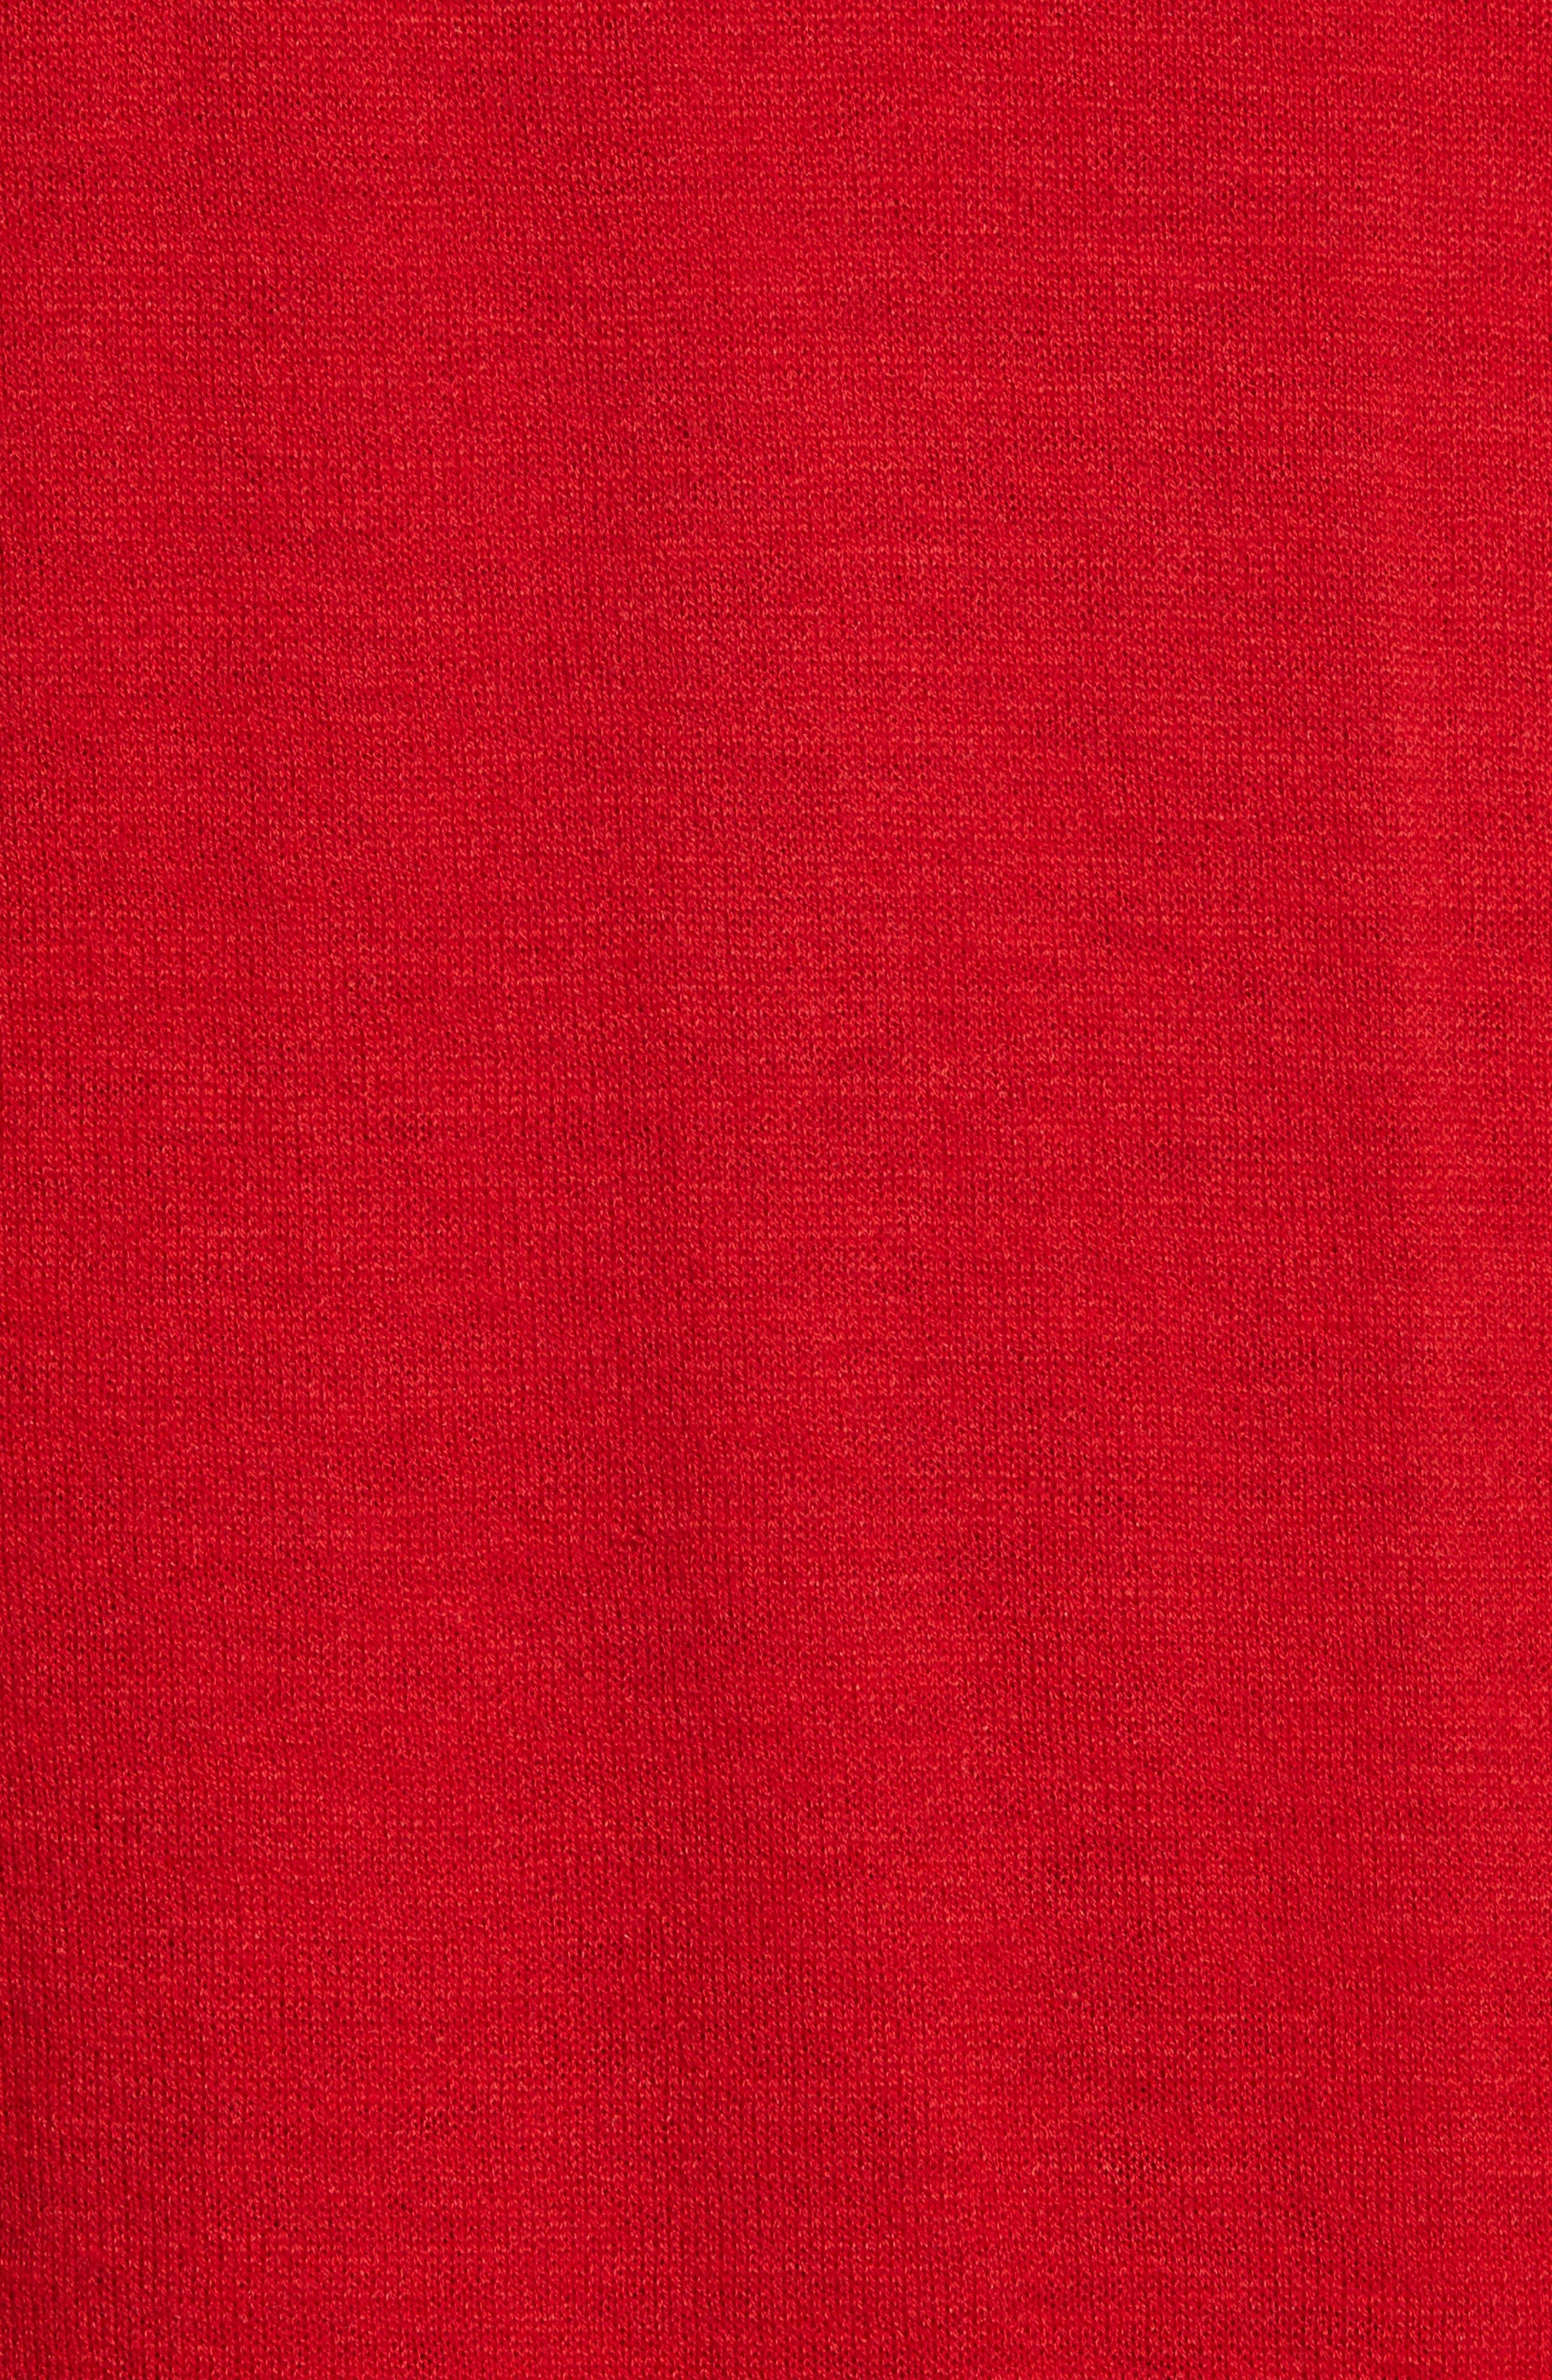 Alternate Image 5  - Helmut Lang Sheer Panel Wool & Silk Turtleneck Sweater